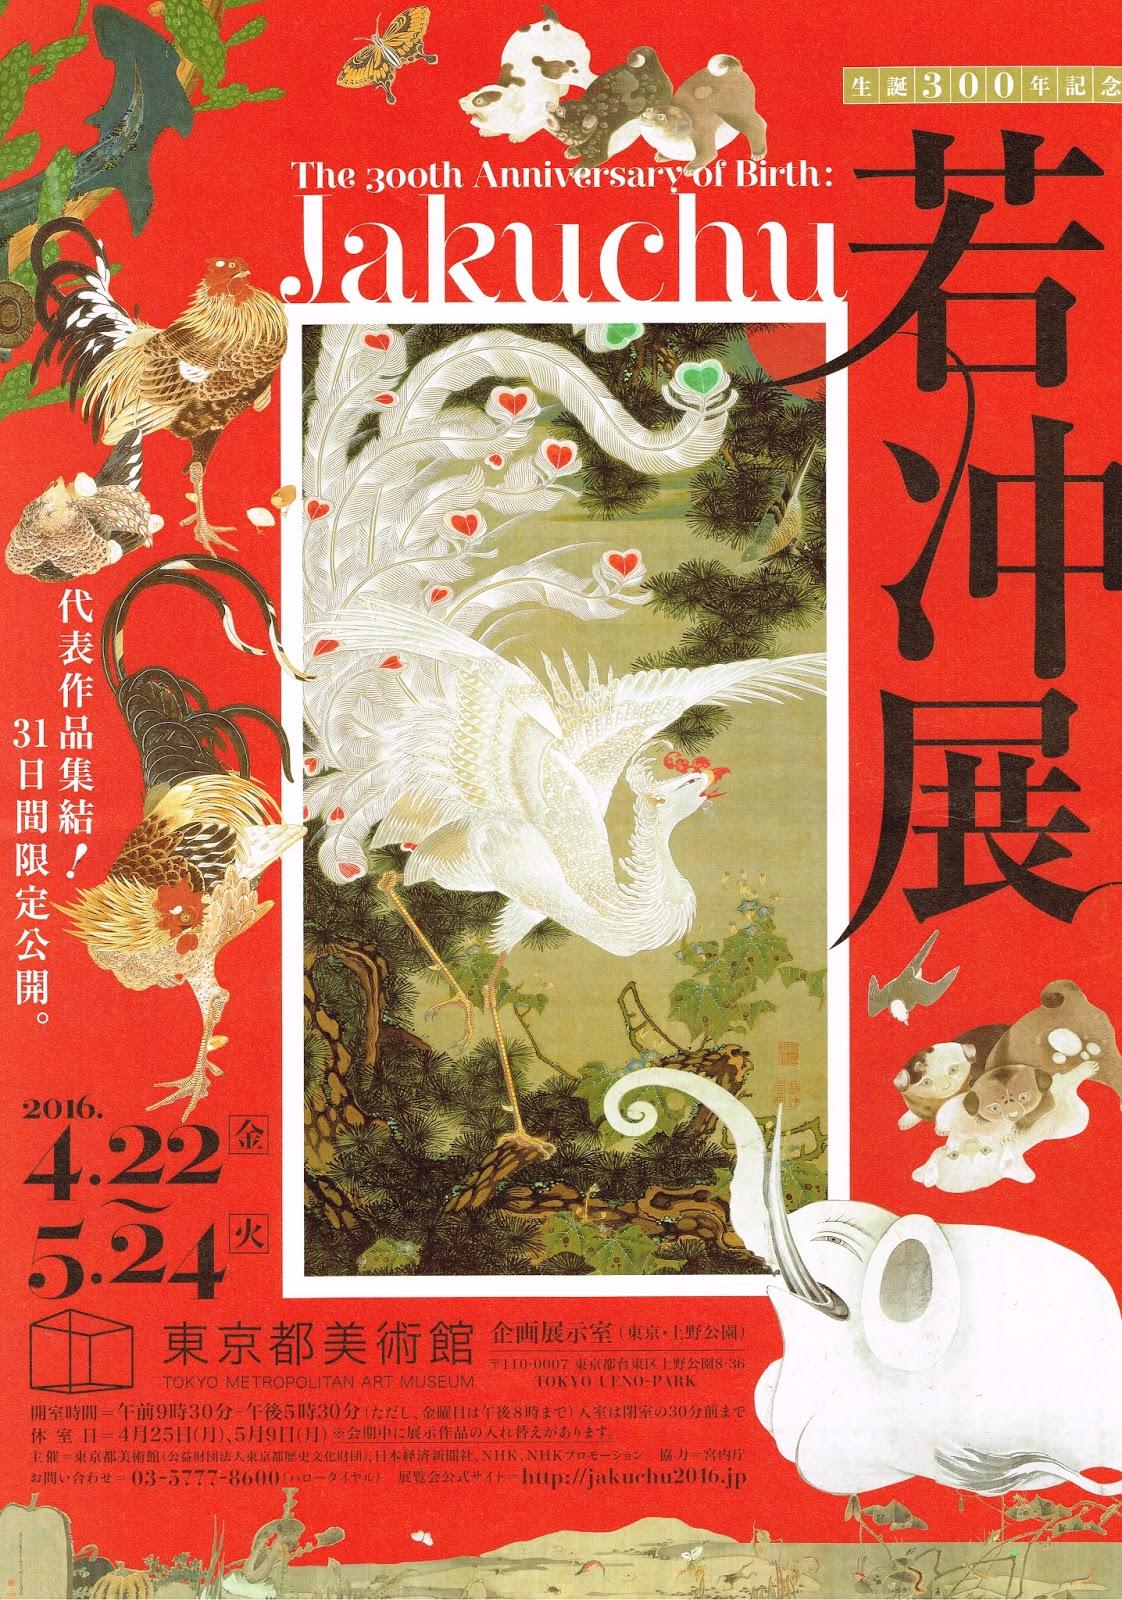 東京国立博物館 - 展示 年間スケジュール